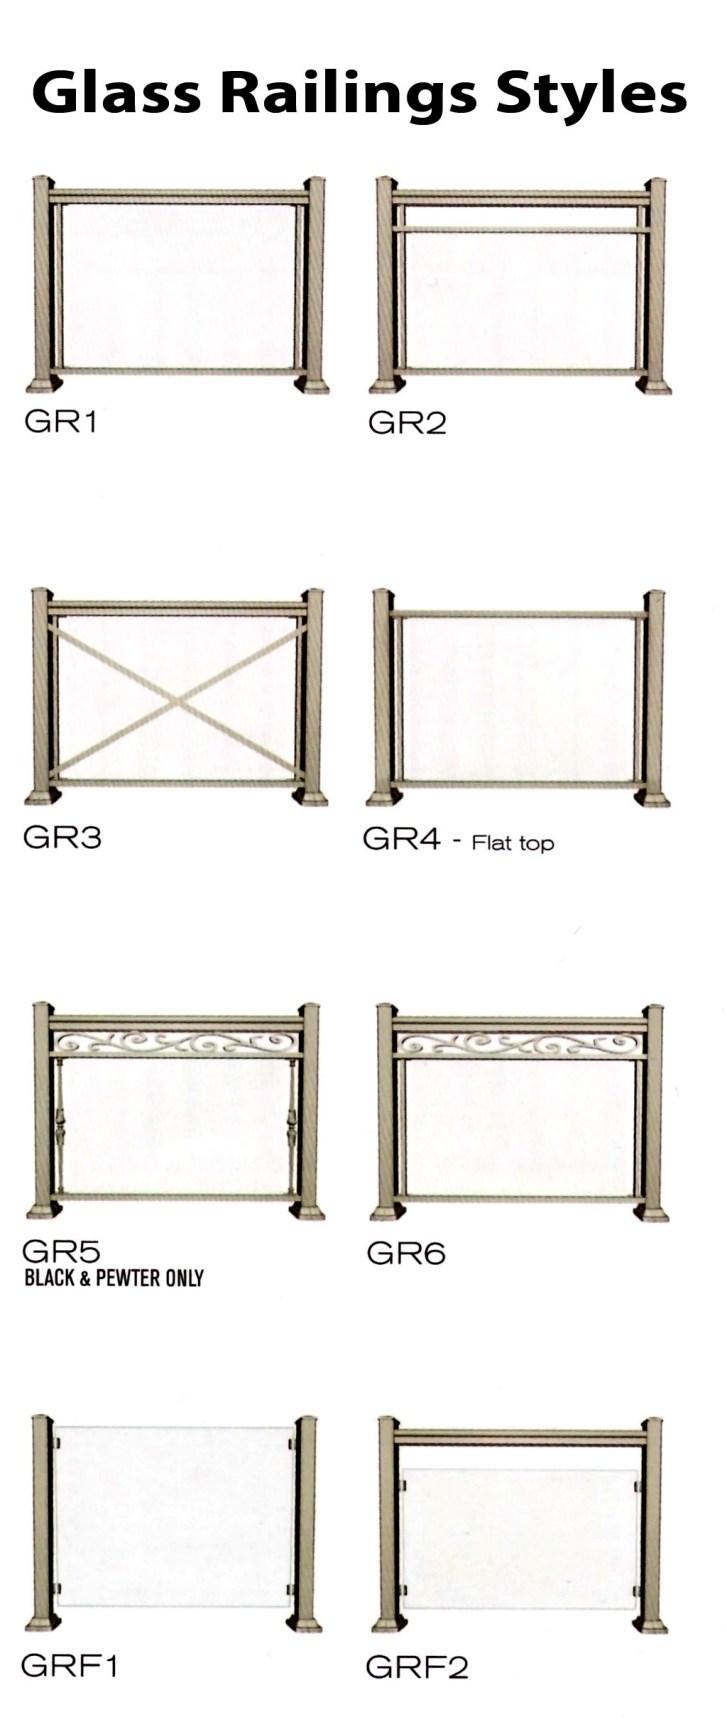 TorontoProRailings-GlassRailings-Styles